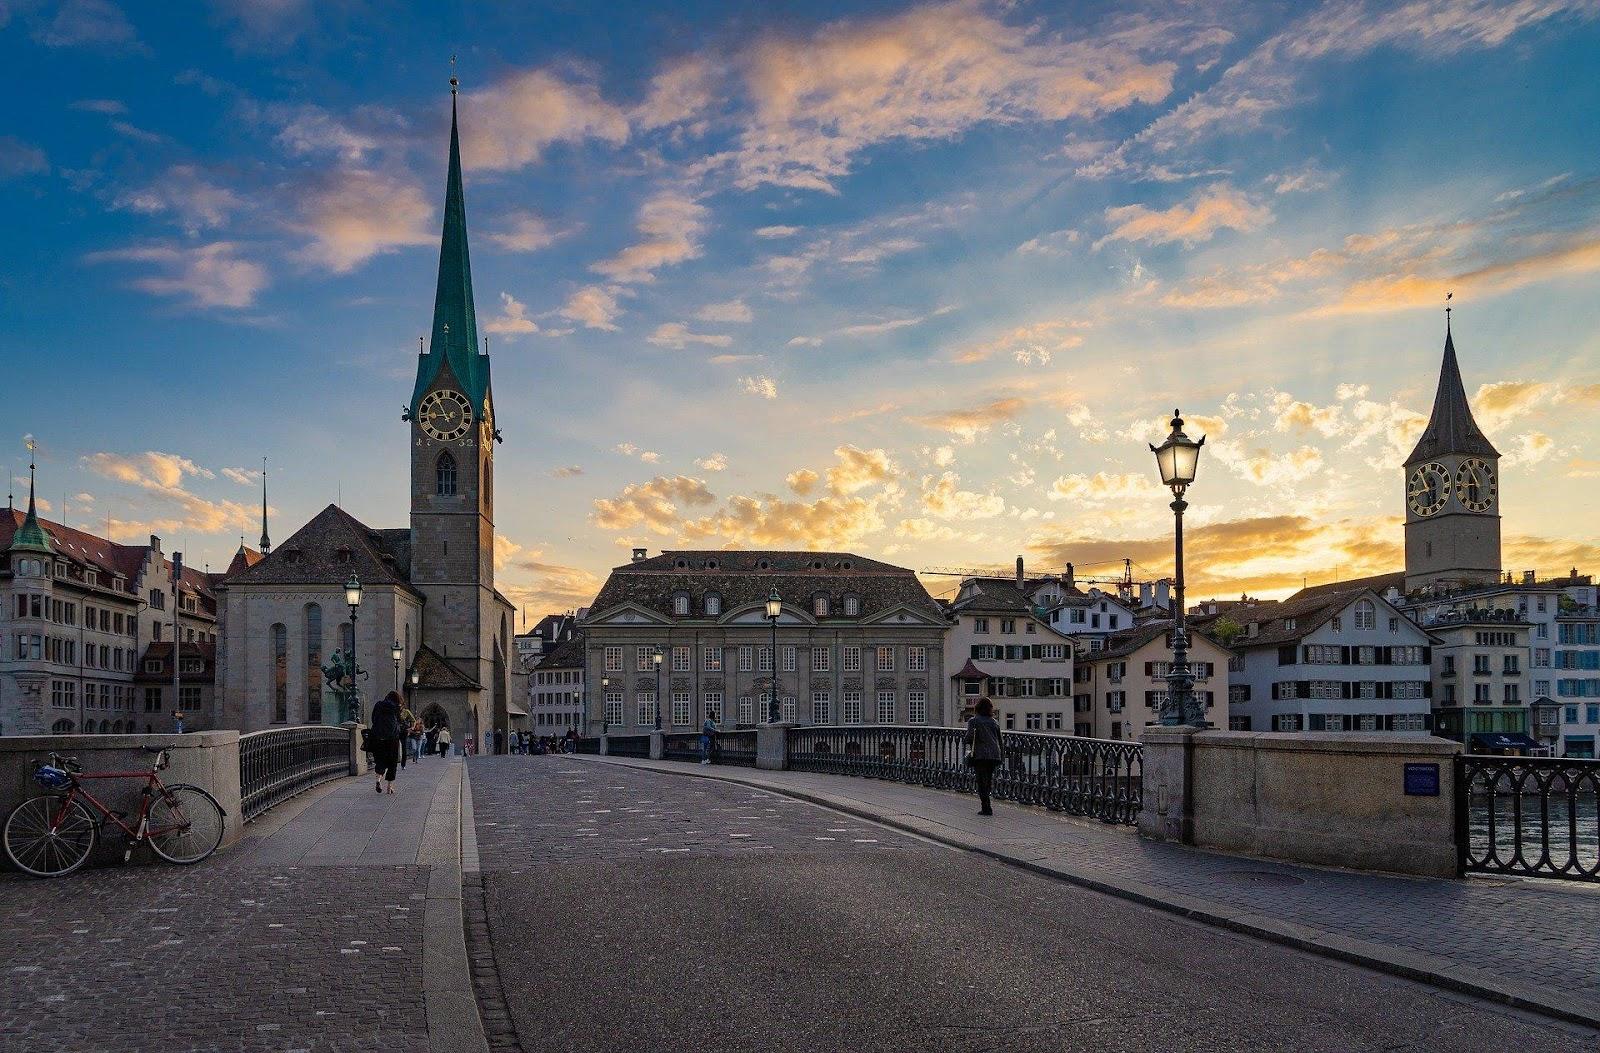 zurich old town bridge medieval church clock tower during sunset switzerland